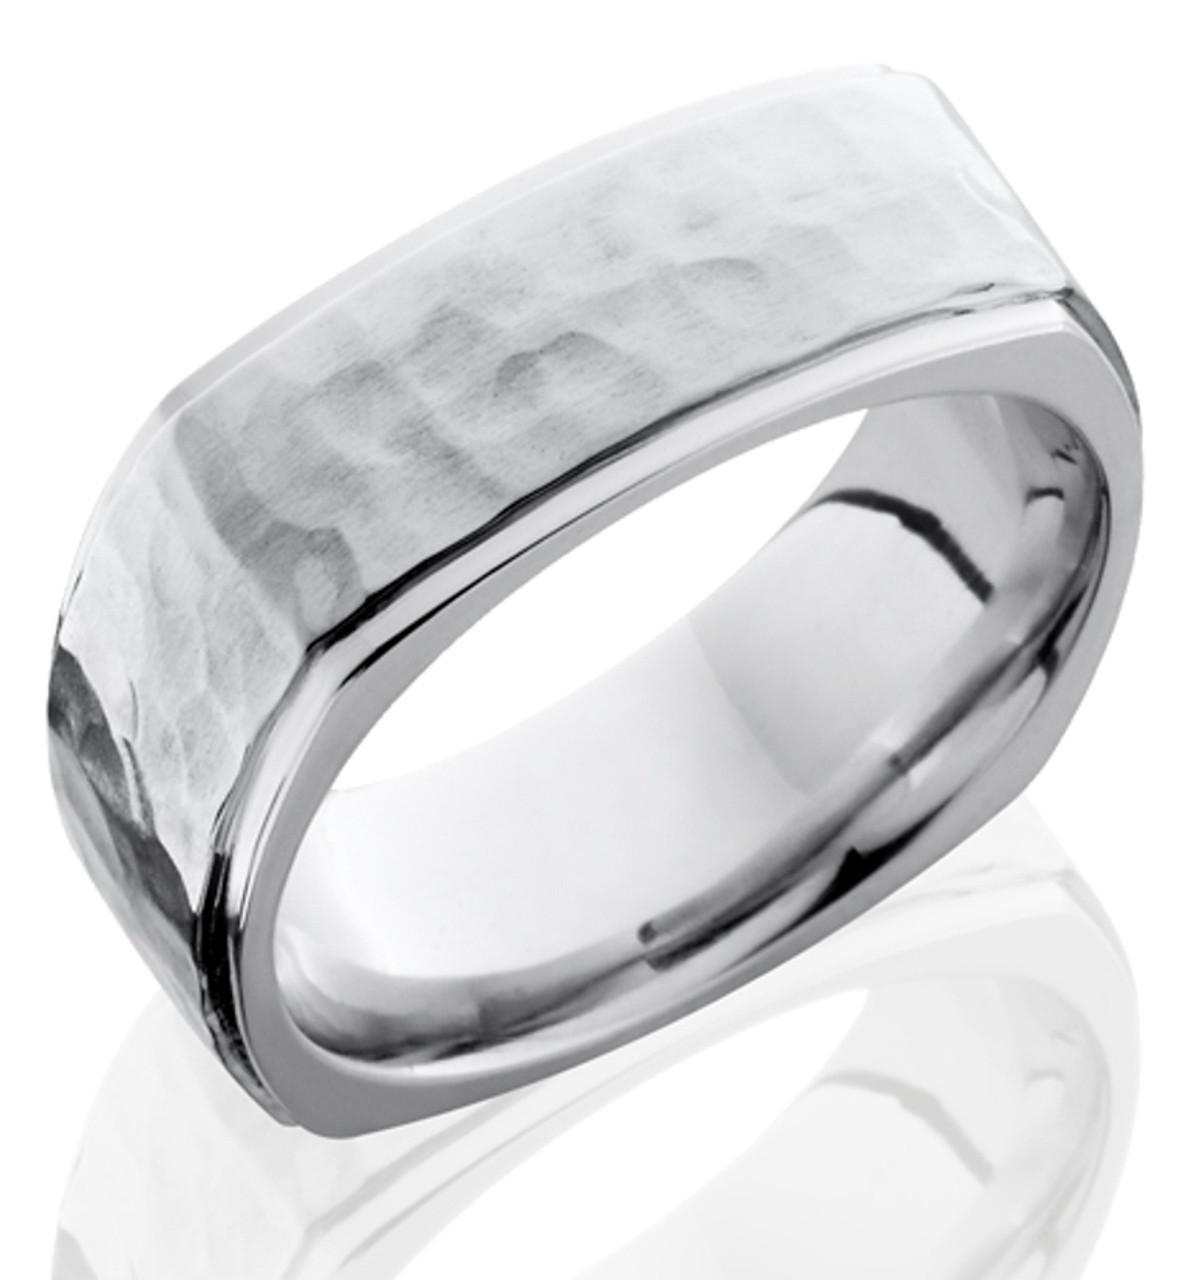 Titanium vs cobalt rings